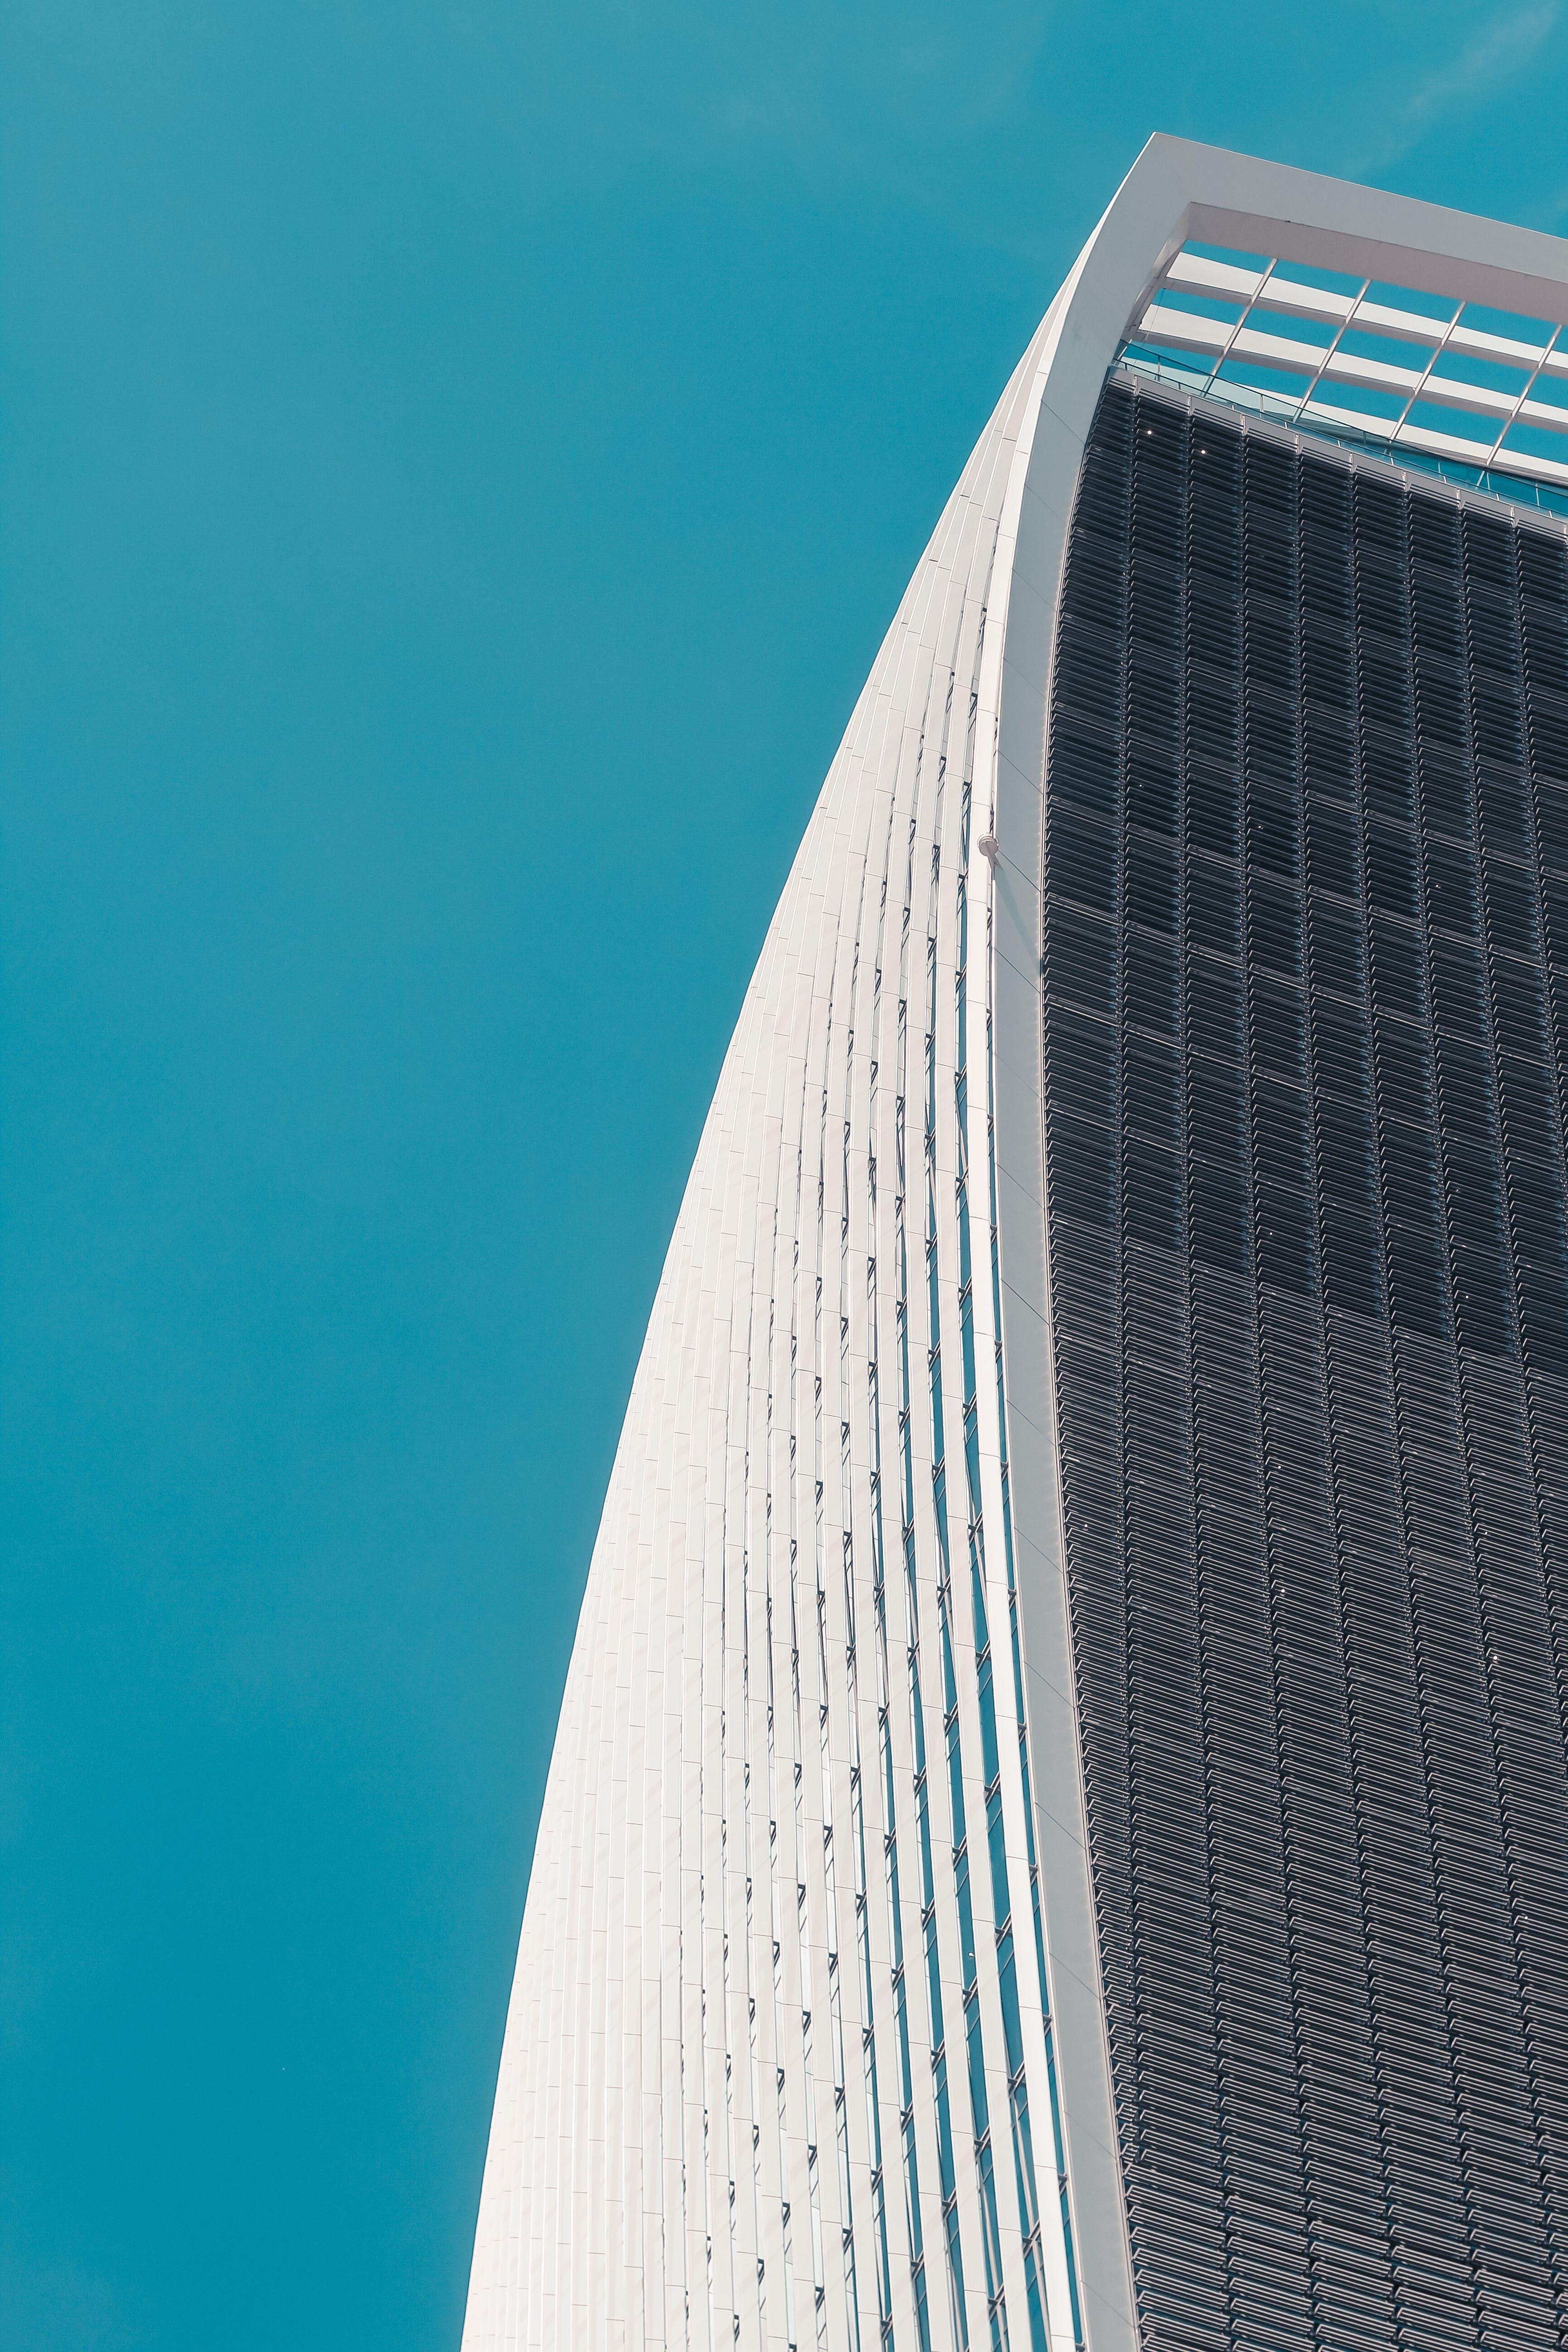 Gratis lagerfoto af arkitektdesign, arkitektur, blå, blå himmel